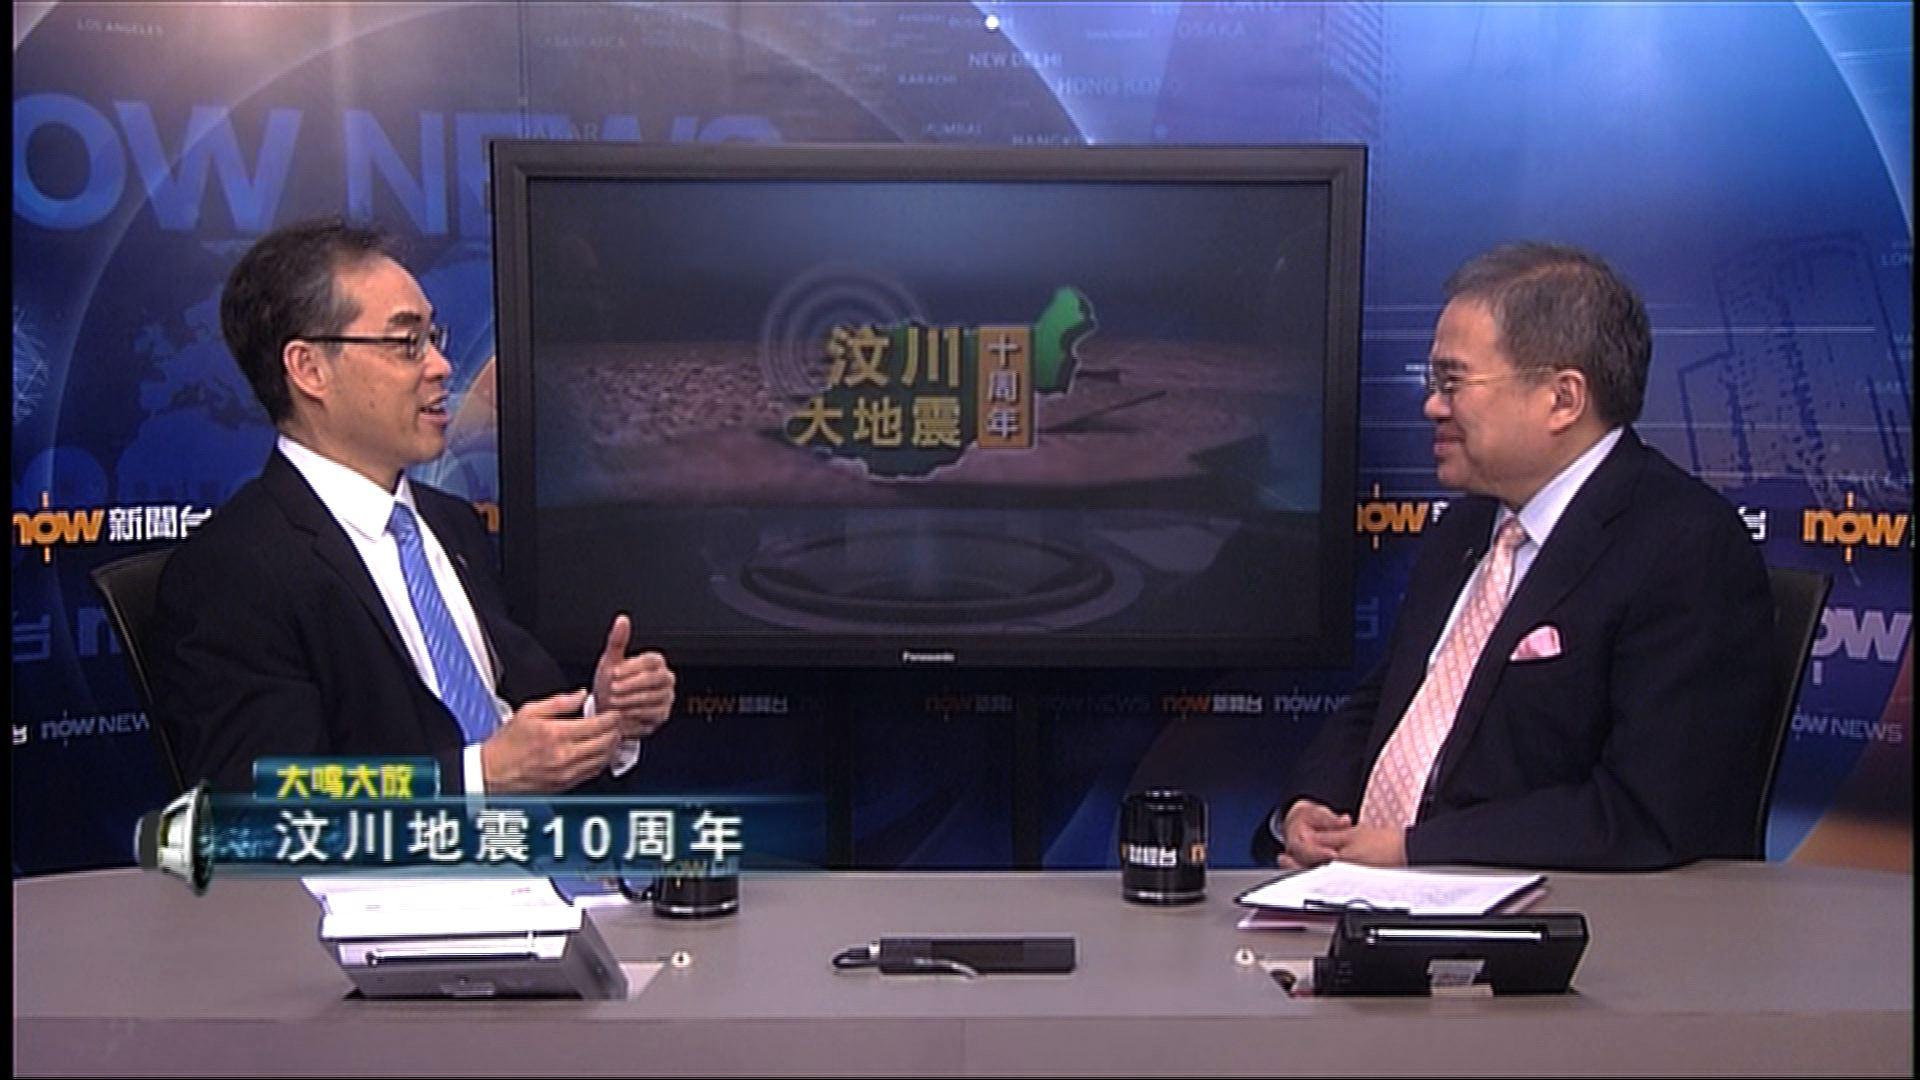 【大鳴大放】汶川地震10周年(一)